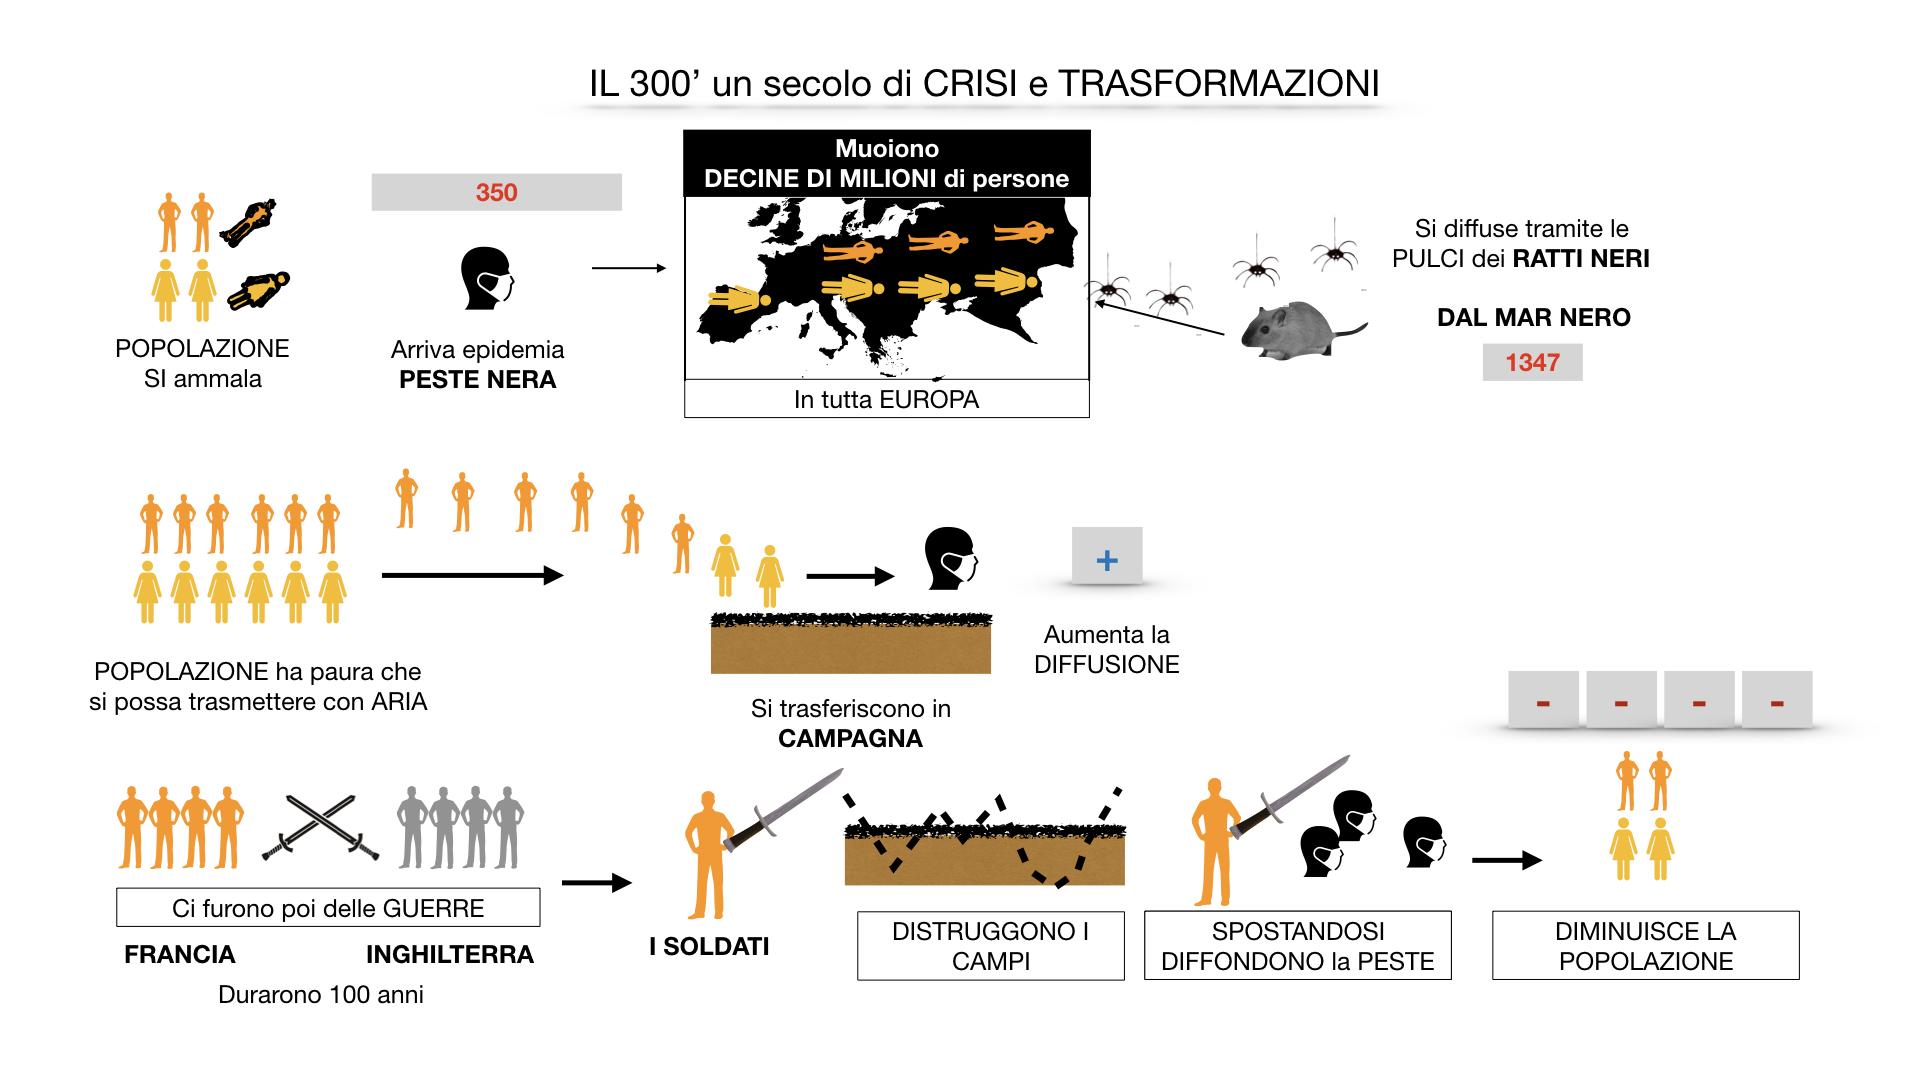 il 300 crisi e trasformazioni_ SIMULAZIONE.033